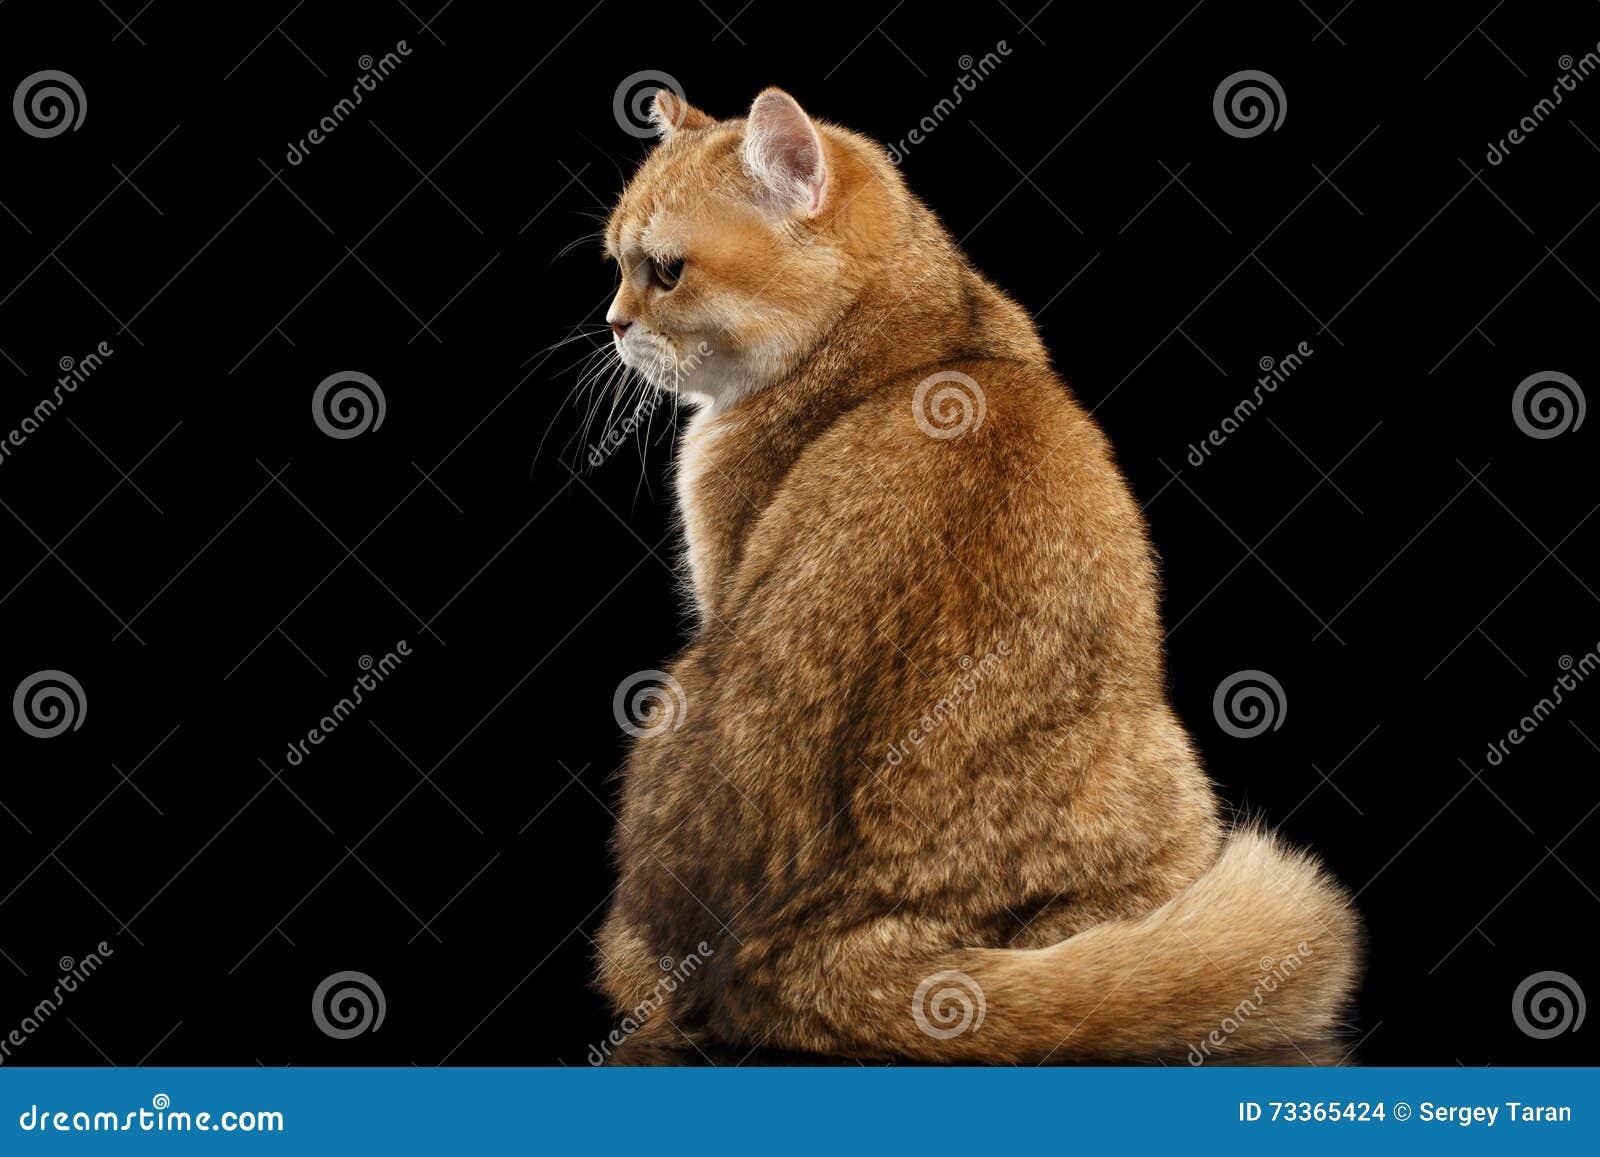 Britannici grassi Cat Gold Chinchilla Sitting Back, il nero scontroso